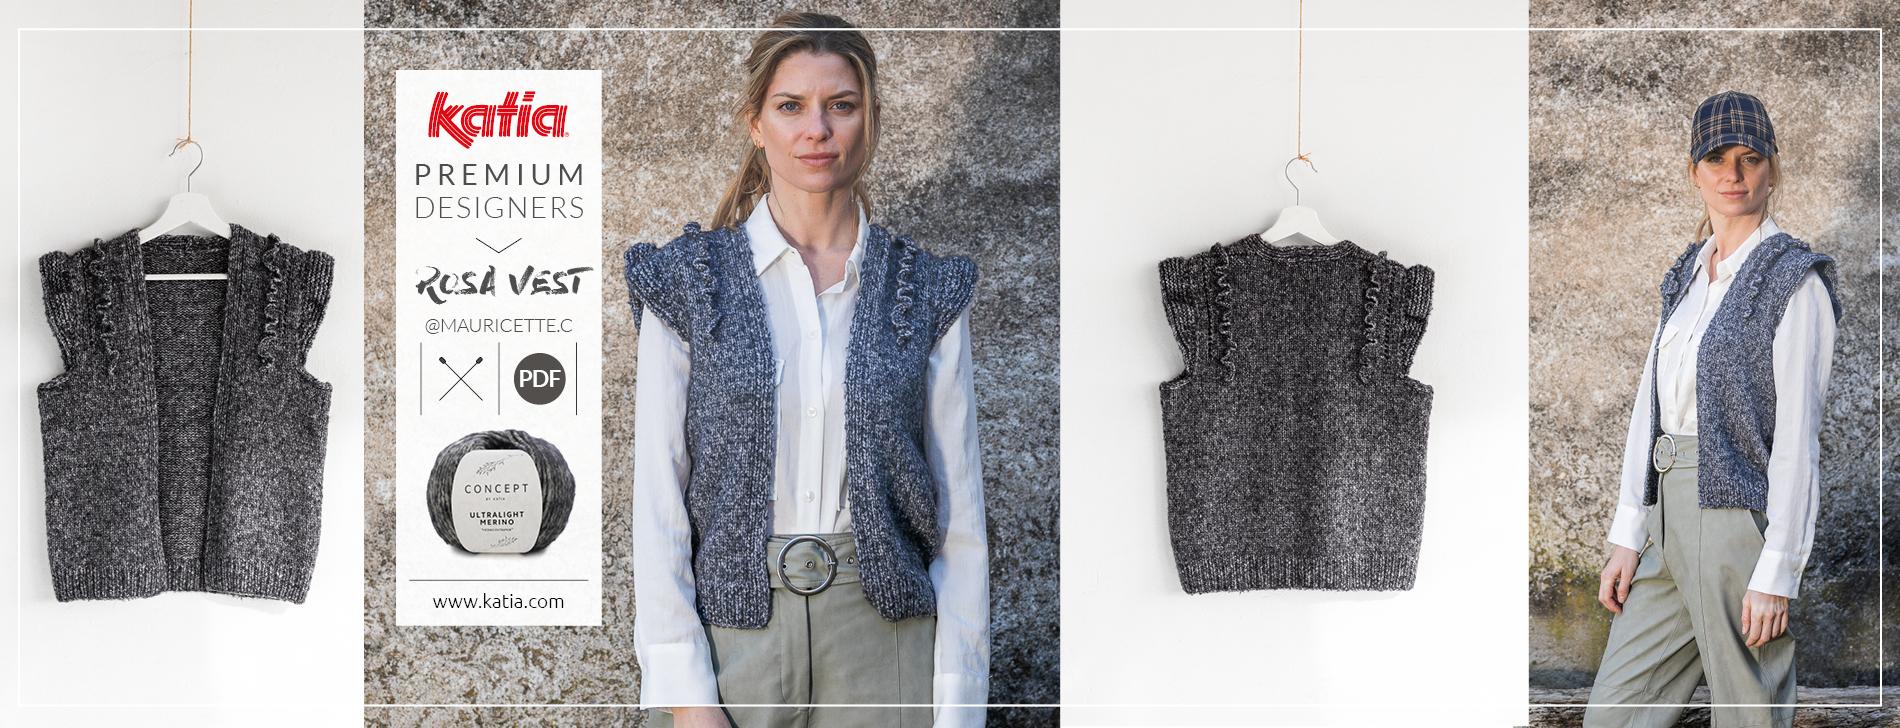 Premium-Designers-Mauricette-C-Weste-Rosa